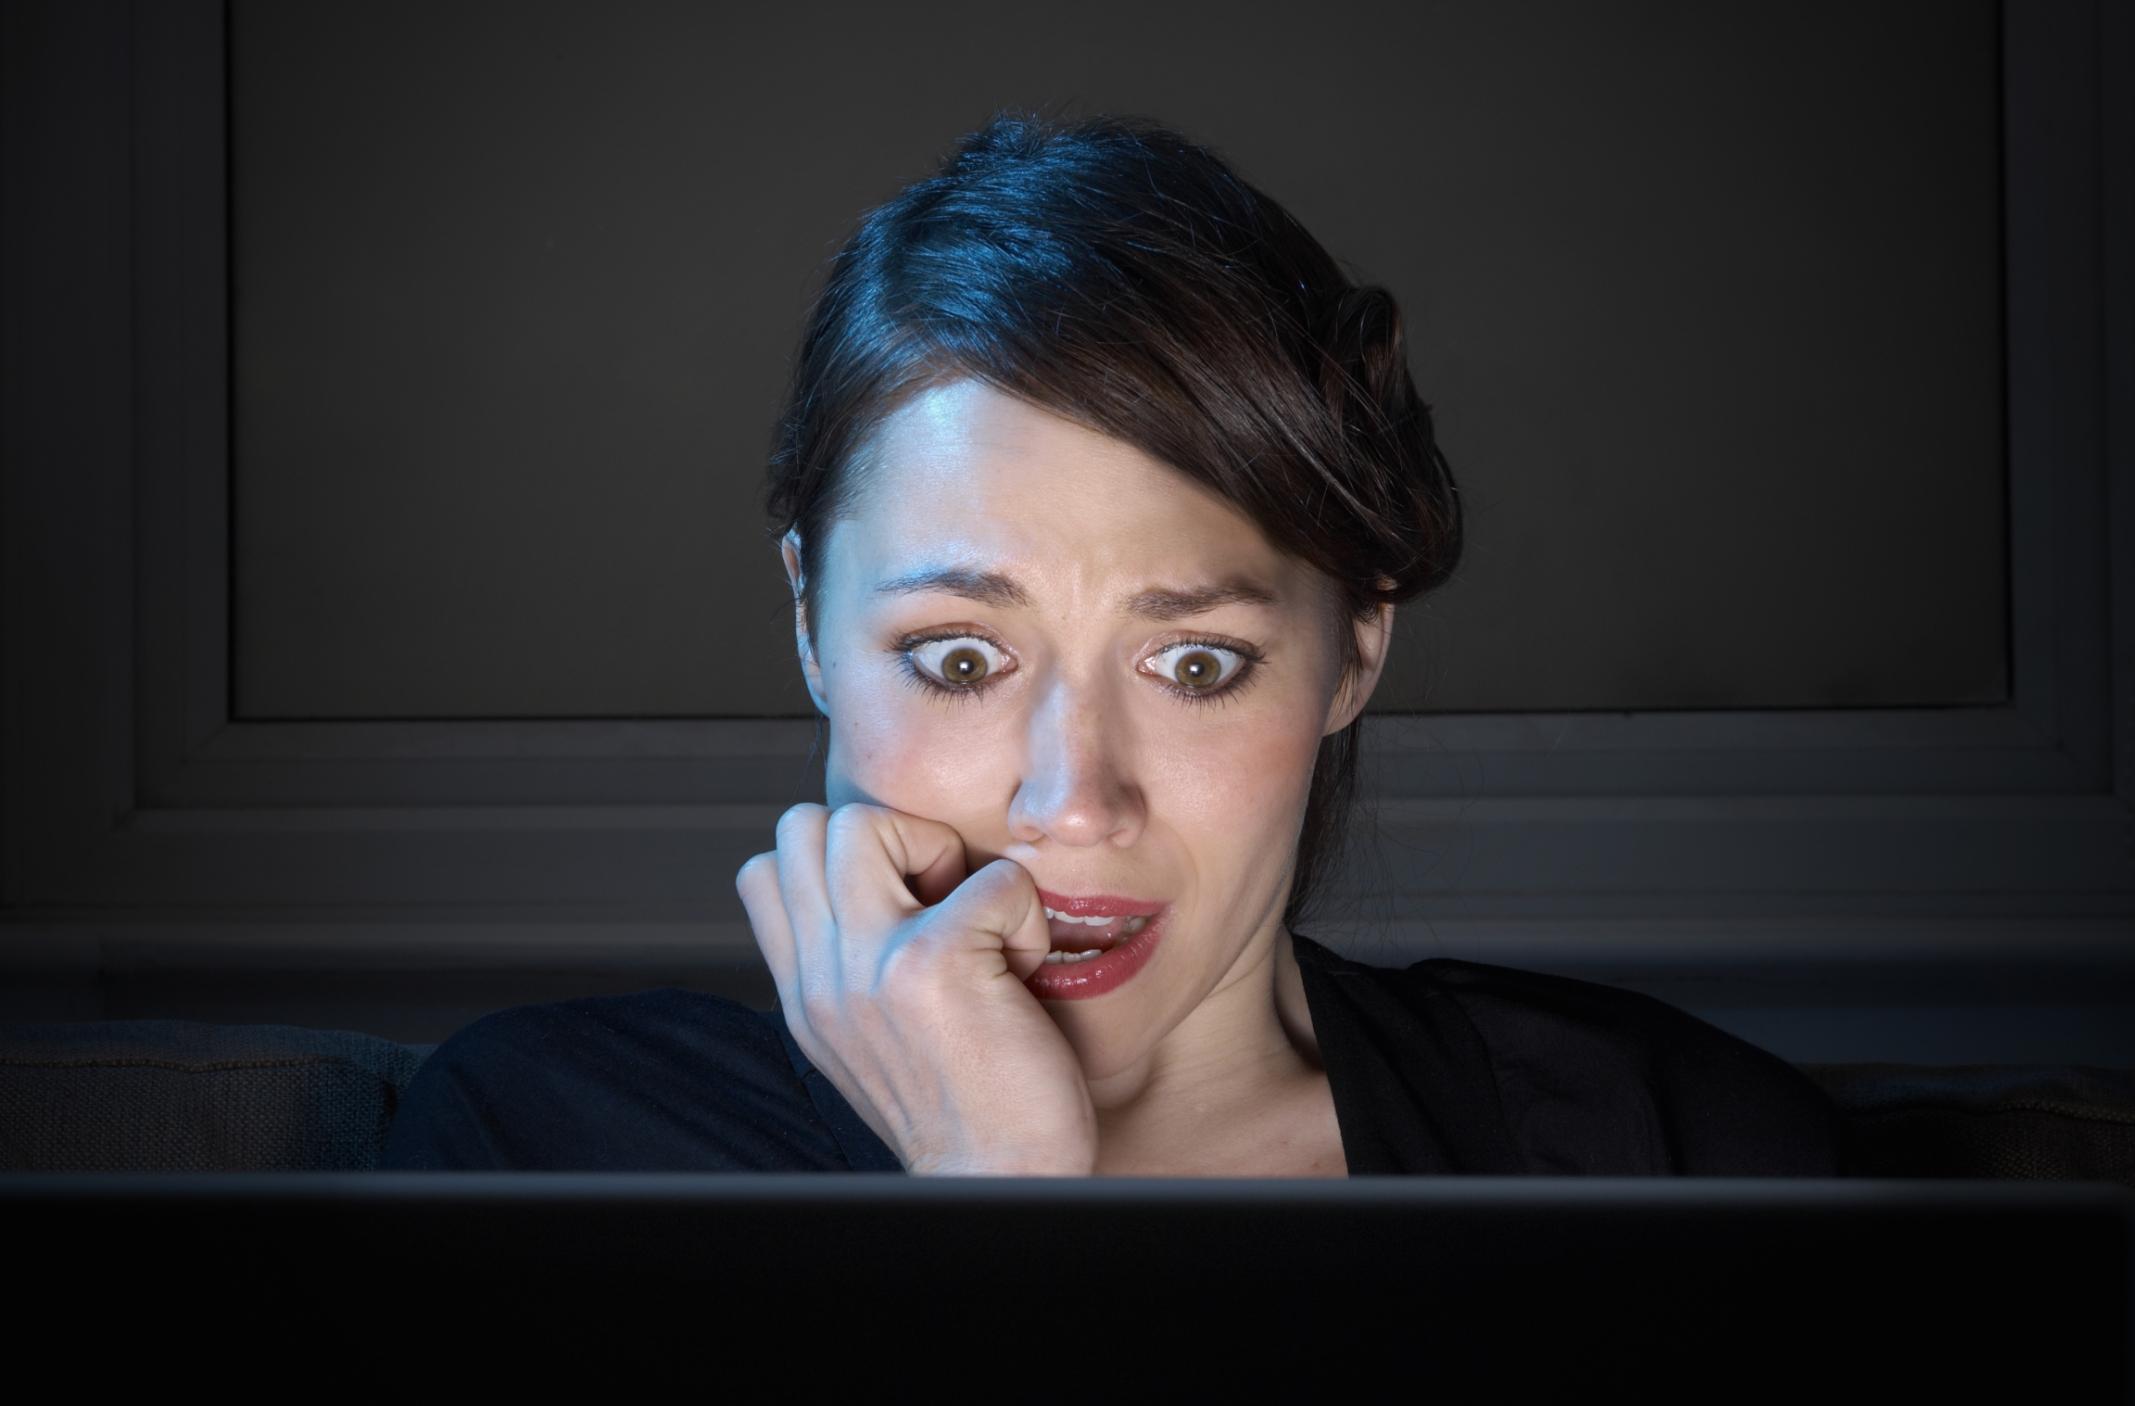 Oszustwa witryn randkowych